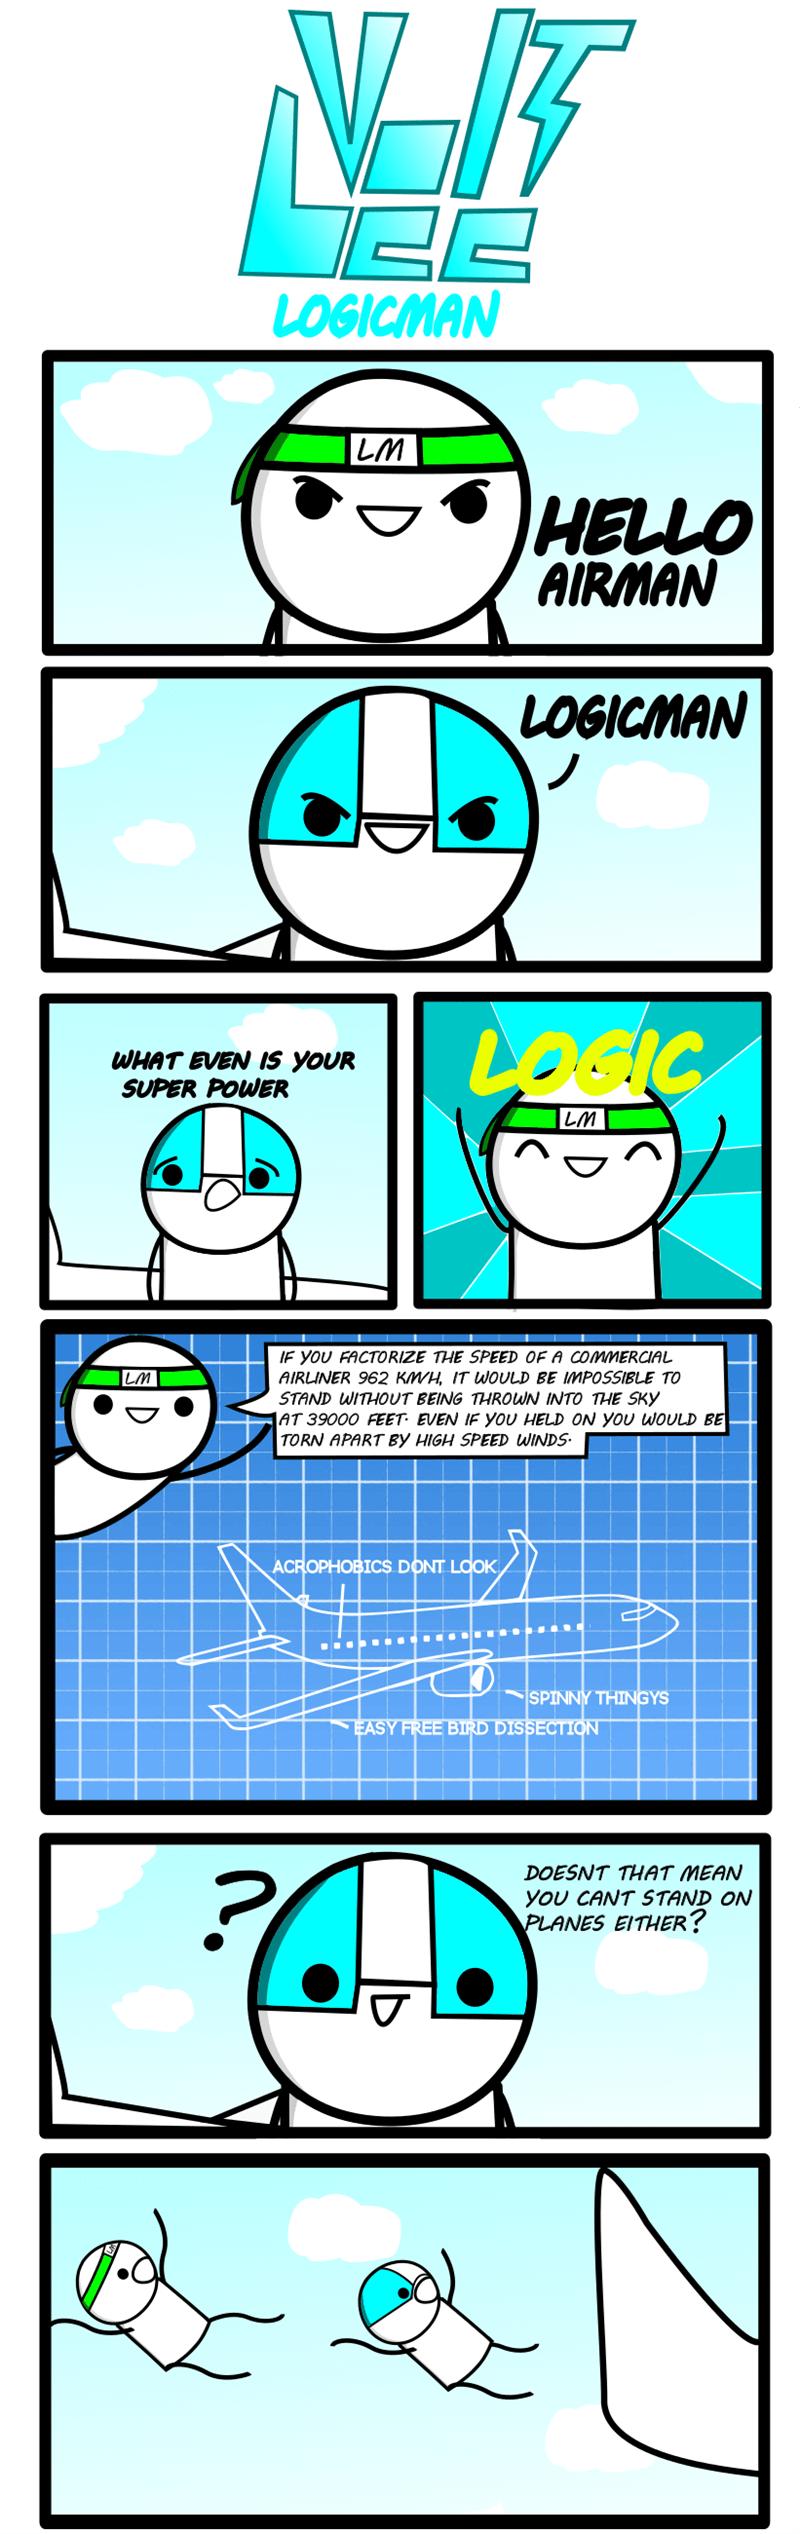 web comics logic Logic Always Wins